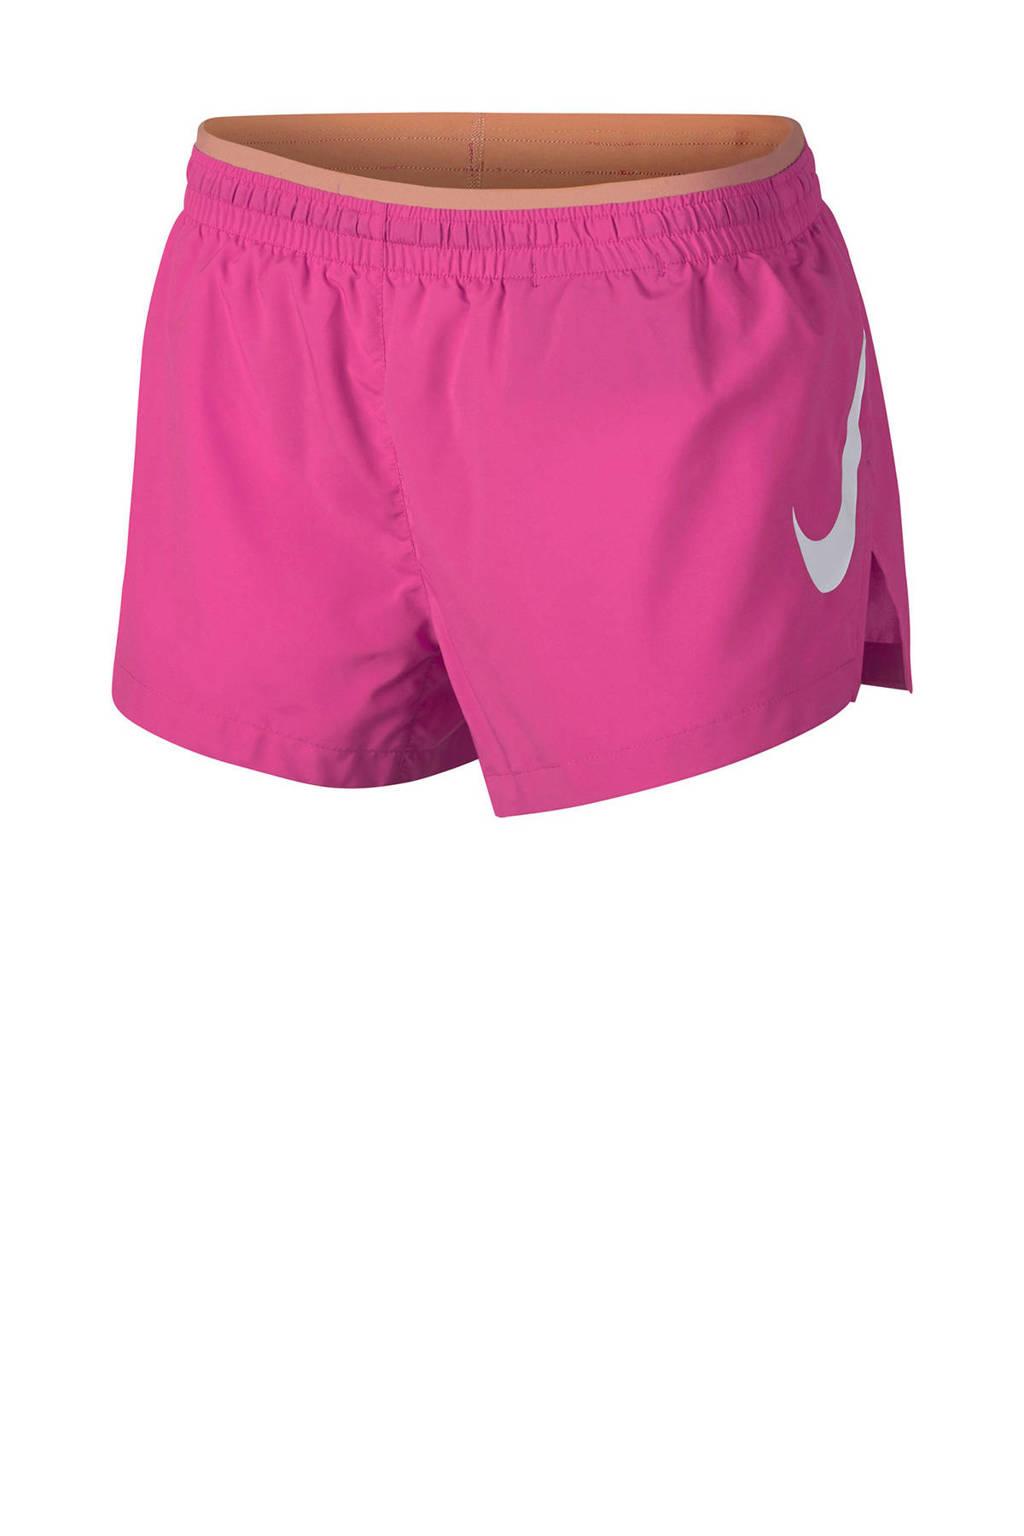 Nike hardloopshort roze, Roze